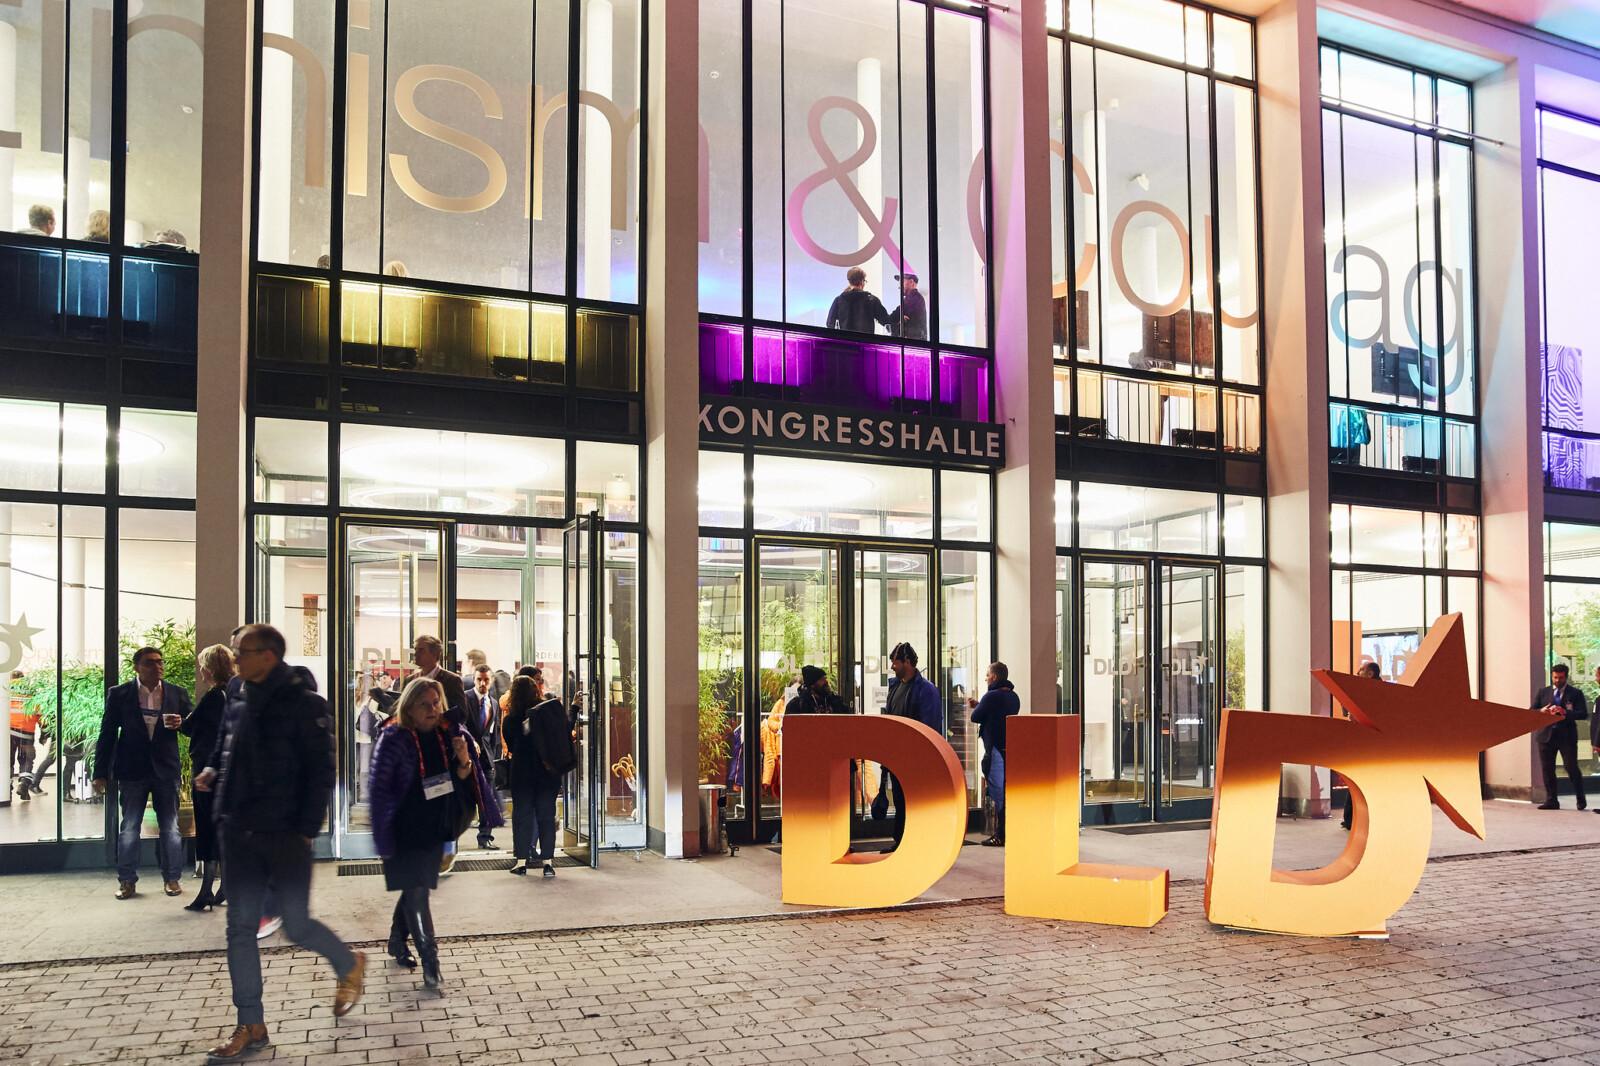 Alte Kongresshalle, Munich, DLD 2019